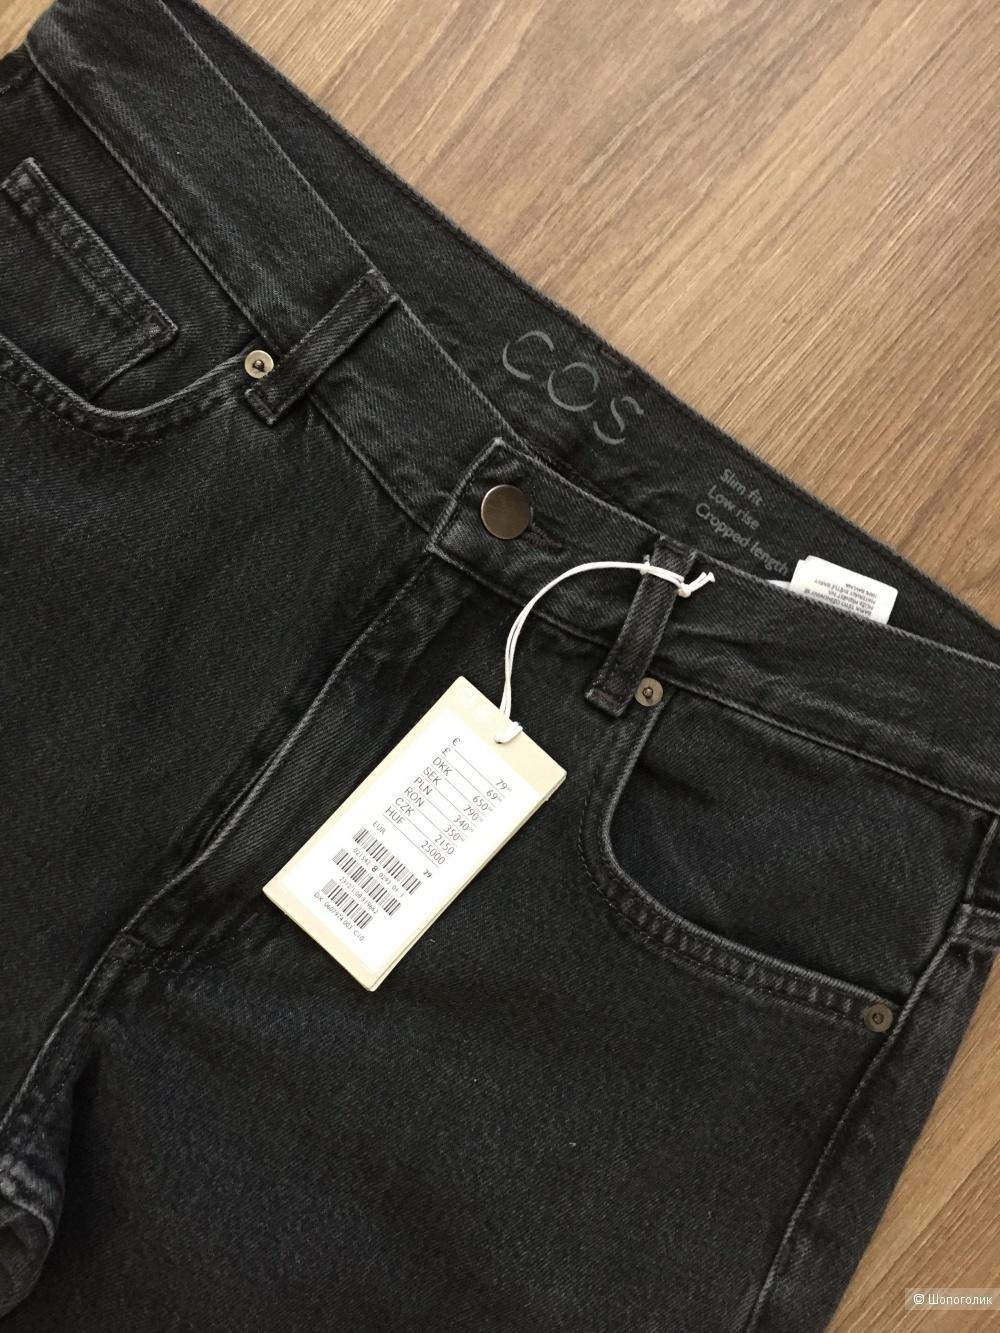 Cos джинсы 29